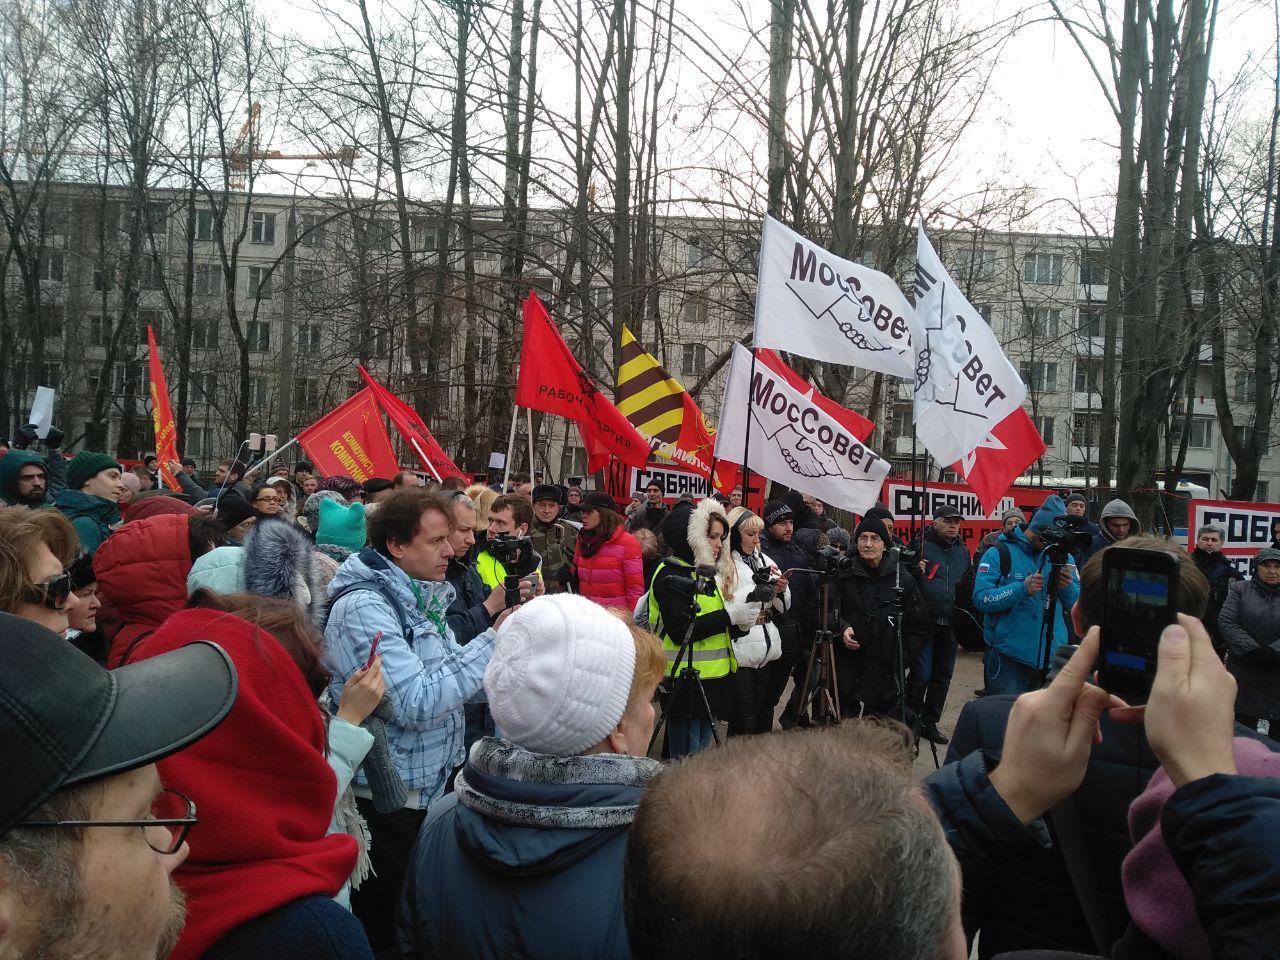 Москва: Жители Кунцево вышли на протест против строительного беспредела (+видео)